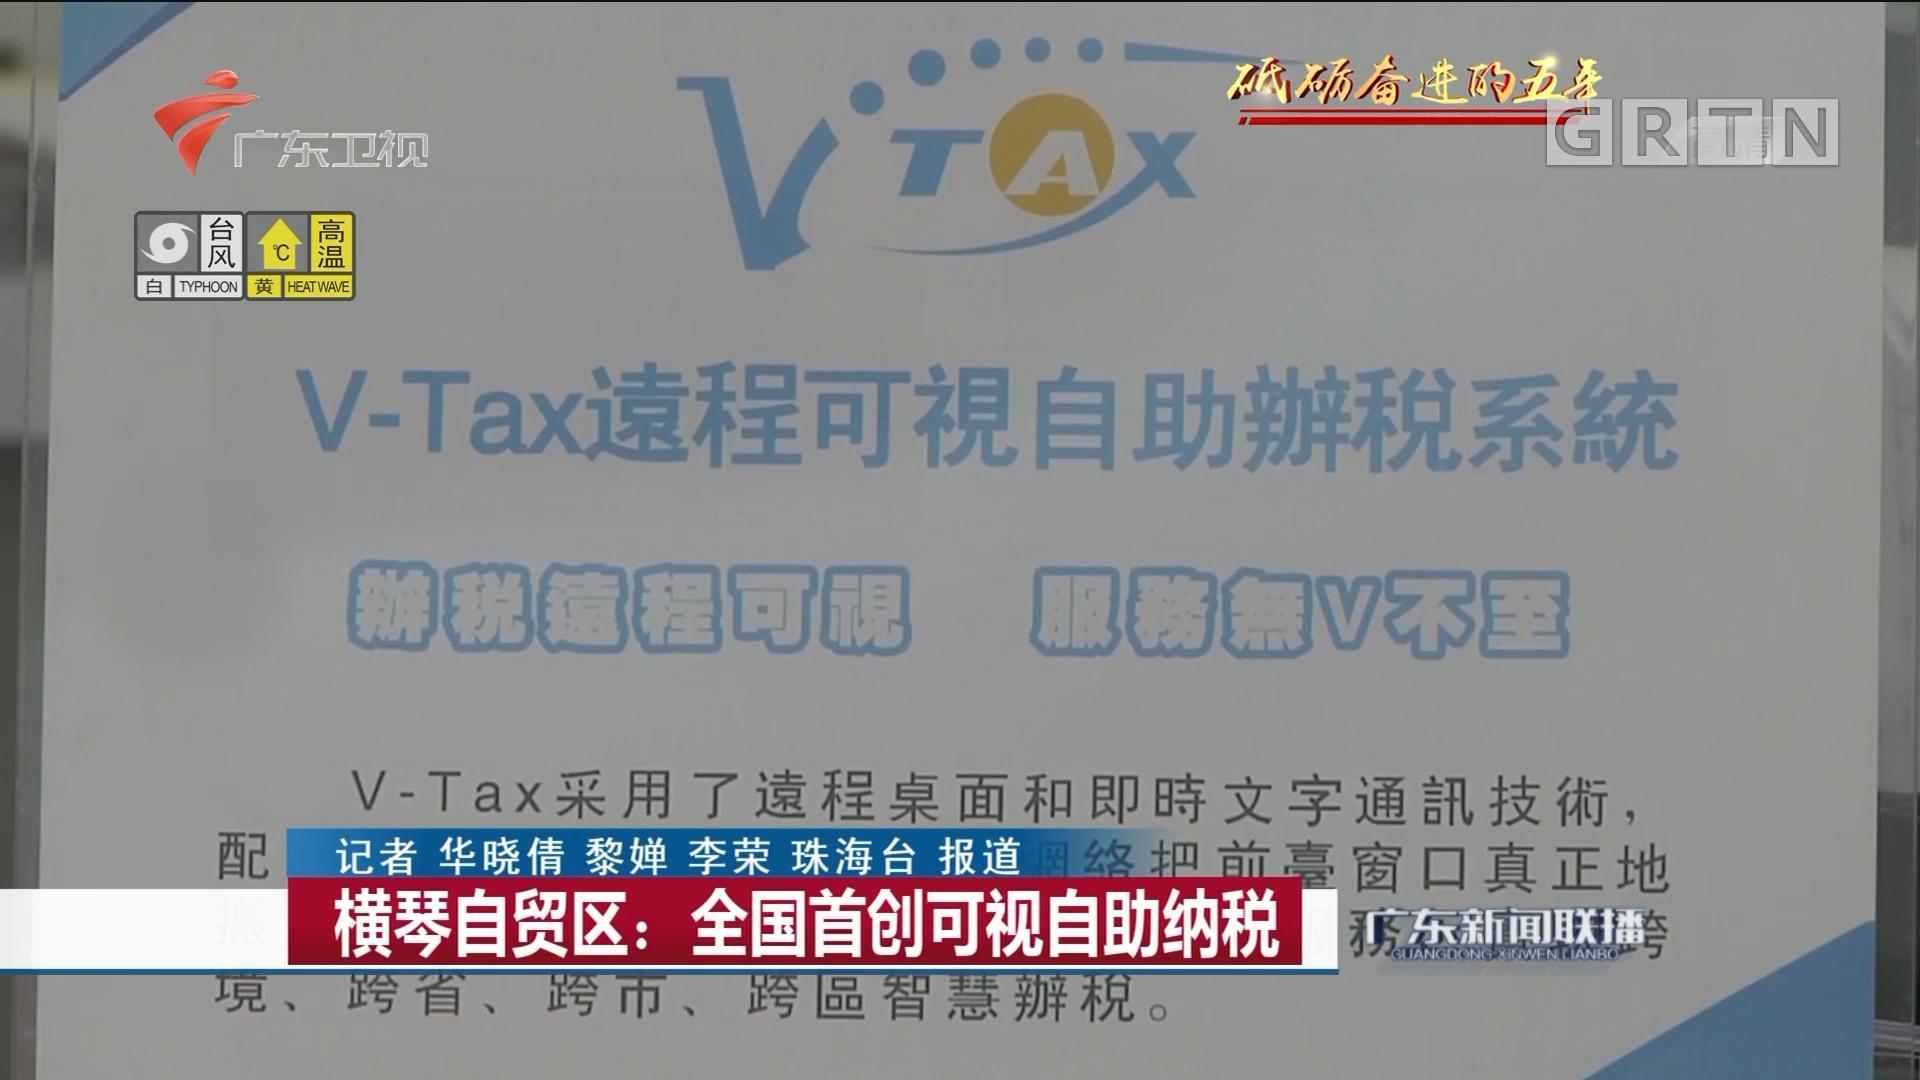 横琴自贸区:全国首创可视自助纳税